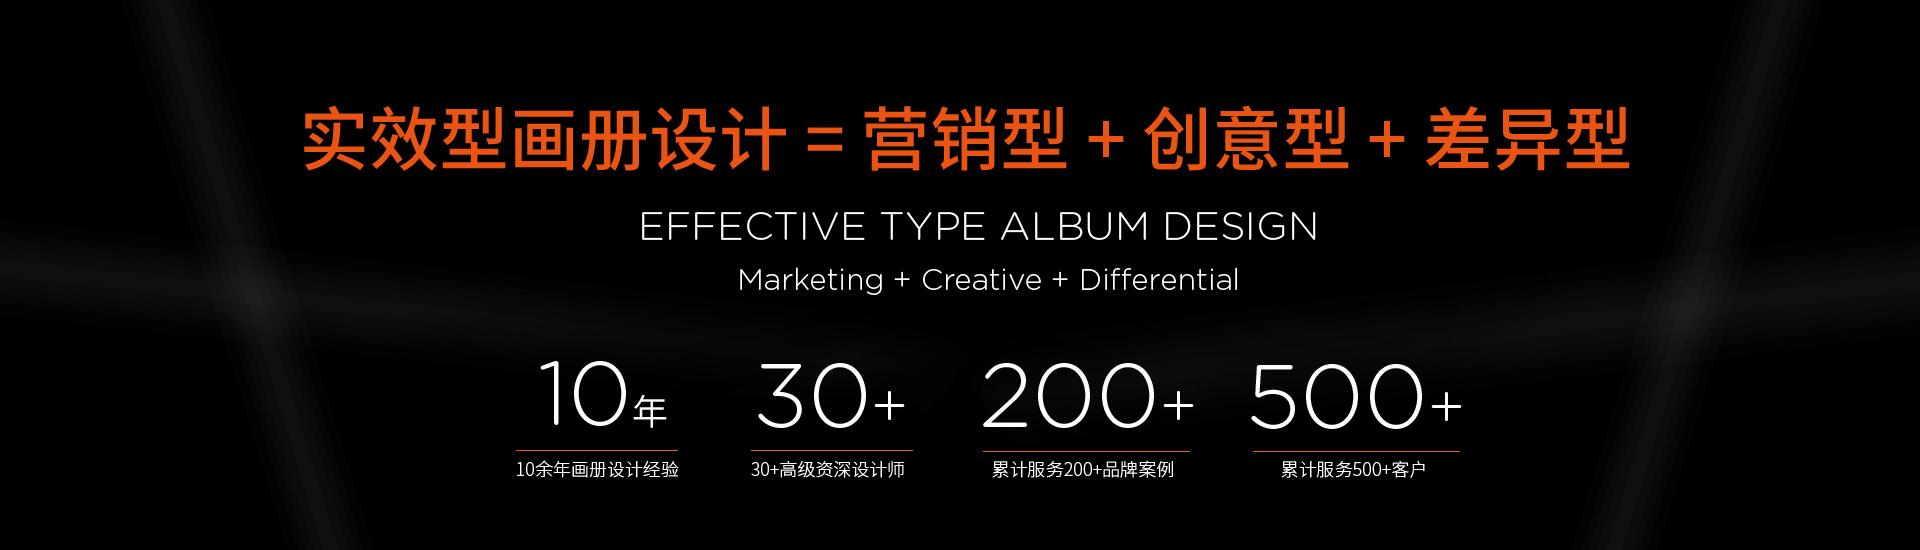 上海品牌宣传画册设计公司logo